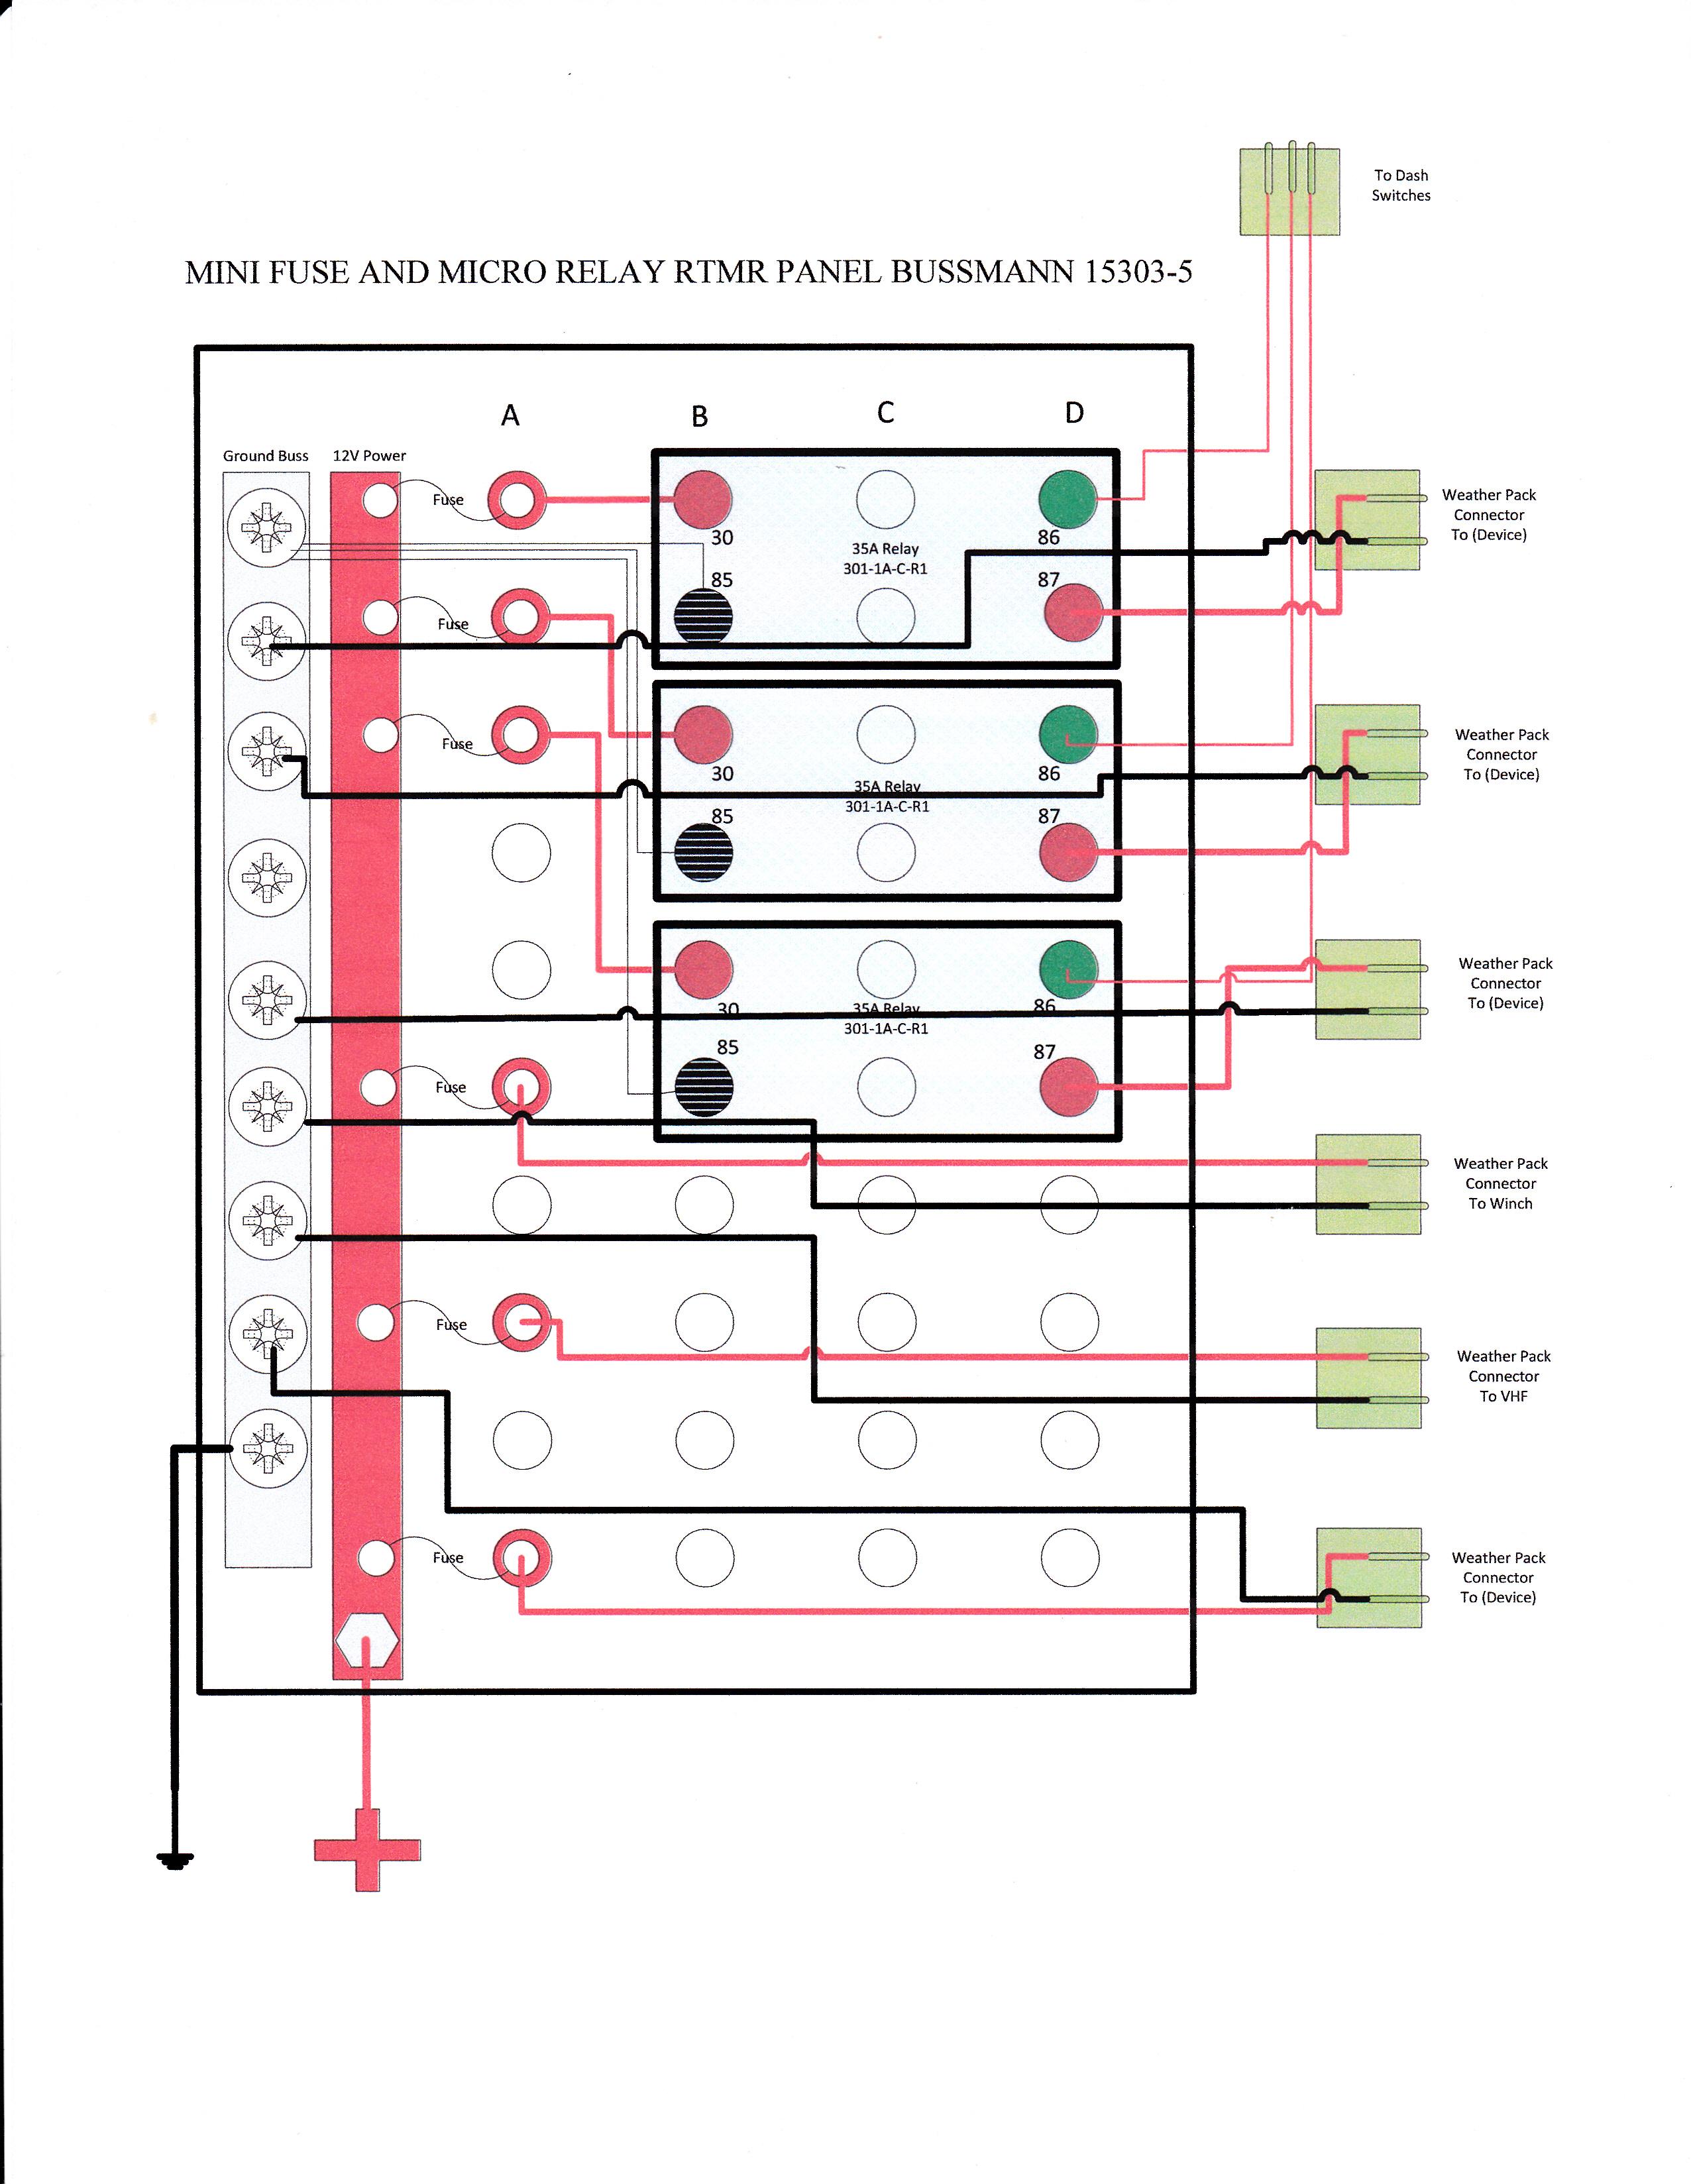 Bussmann Relay Wiring Box Diagram Databasewrg 4272 Automotive Fuse Custom